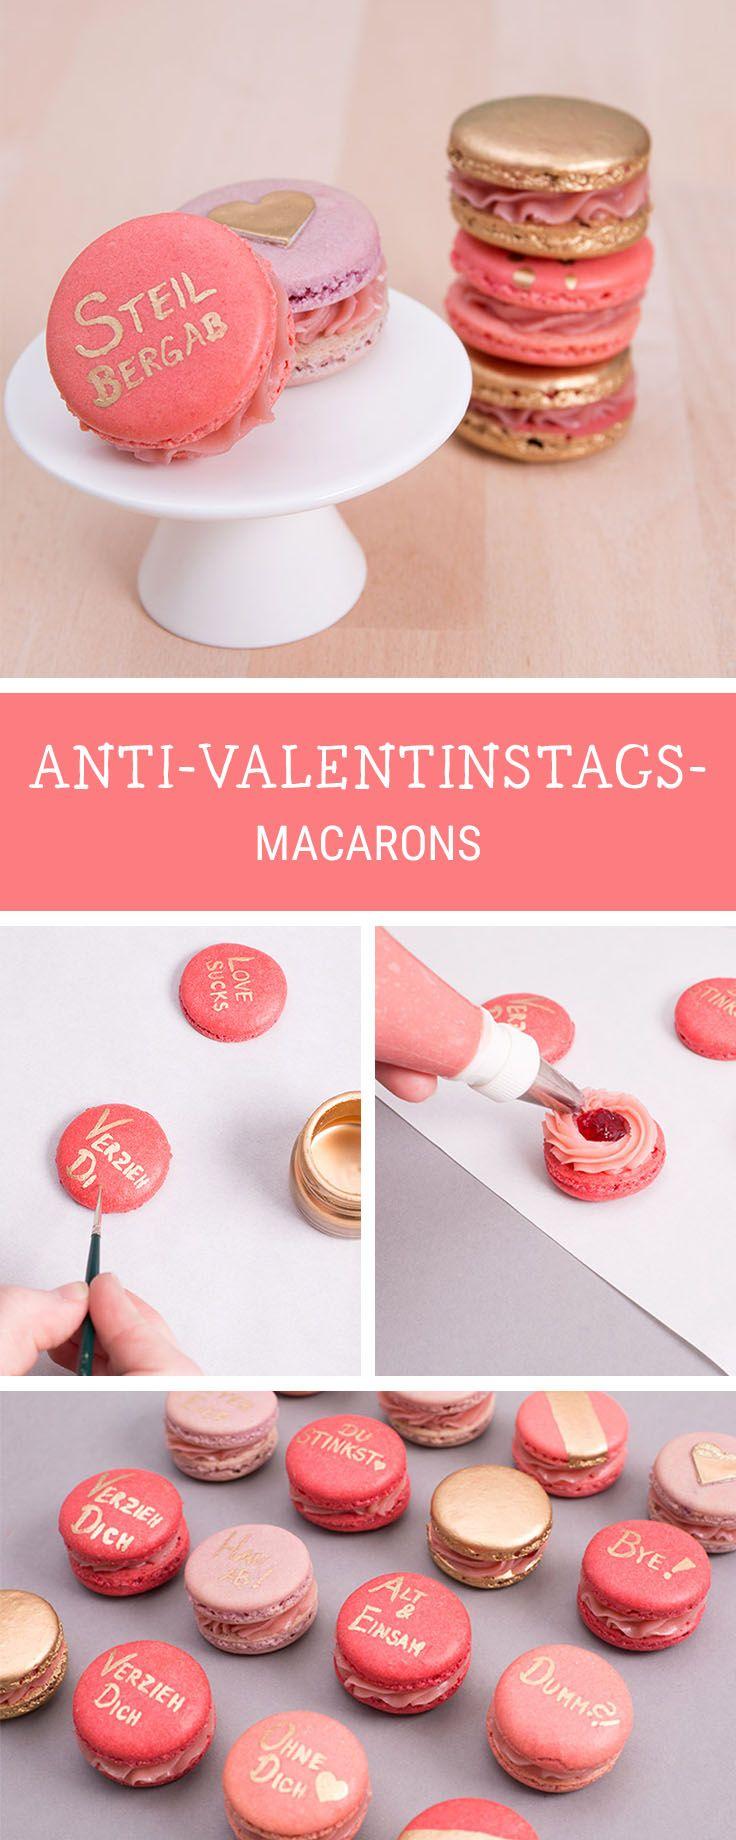 Witzige Geschenkidee für den Anti-Valentinstag: Macarons mit süßer Botschaft / macarons recipe for anti Valentine's Day, party food via DaWanda.com